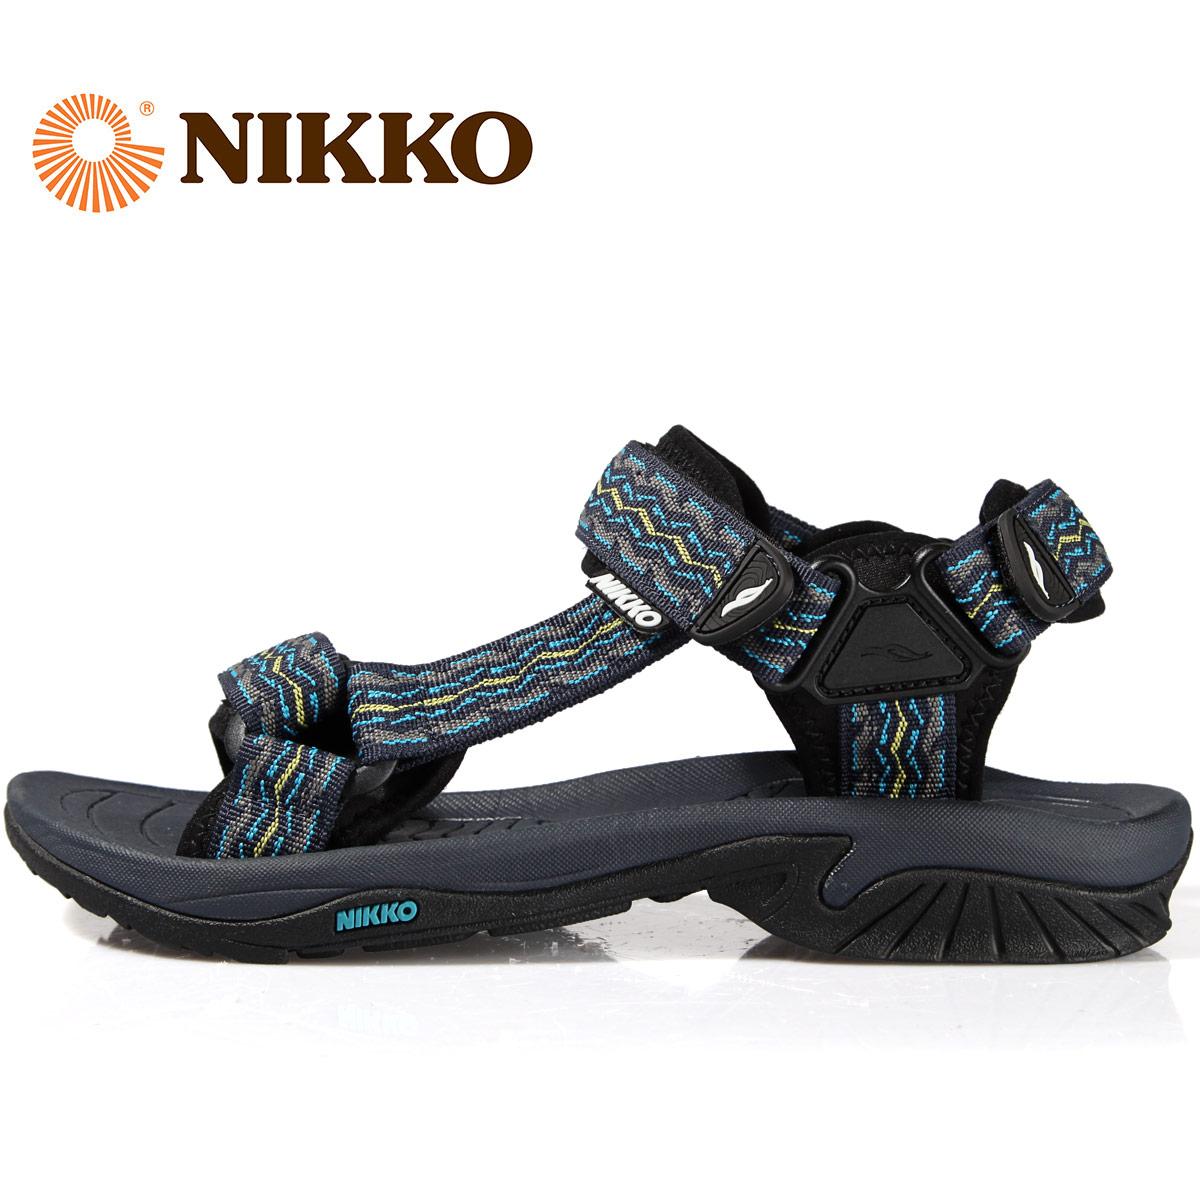 NIKKO日高戶外涼鞋沙灘鞋男防滑露趾沙灘涼拖旅遊拖鞋海邊涼鞋